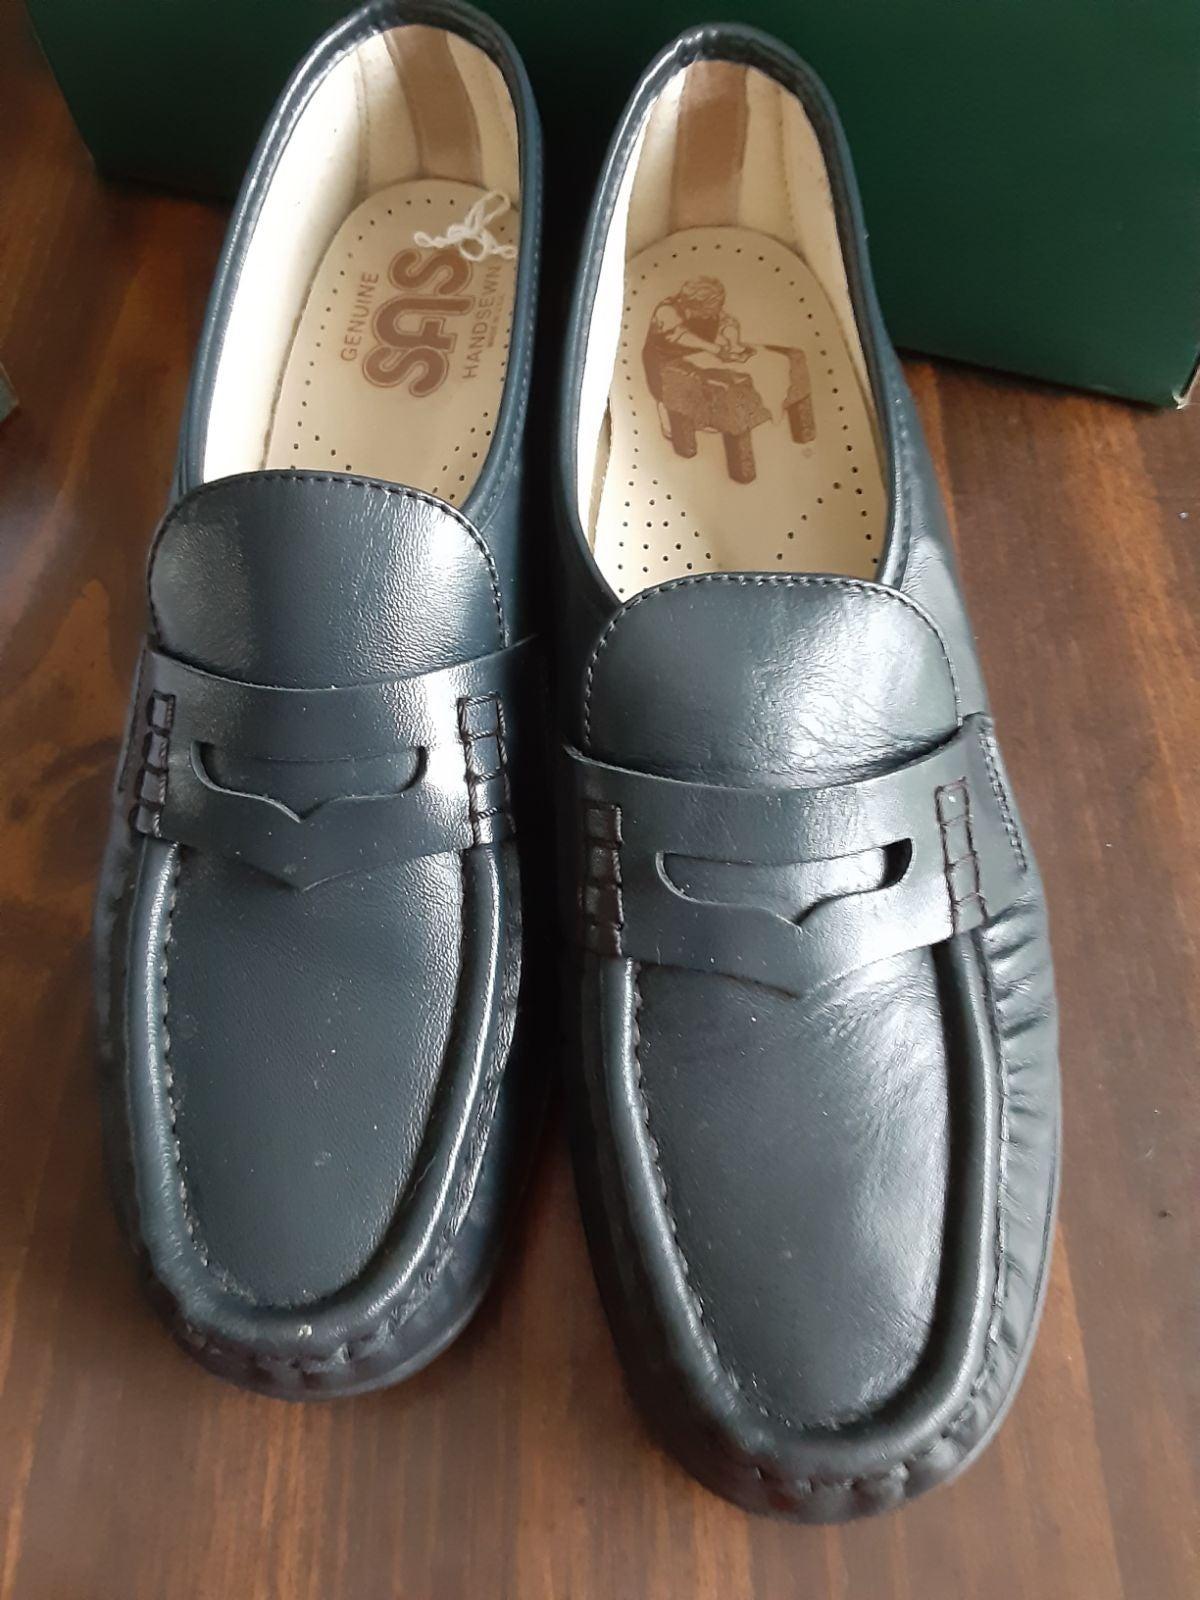 Sas black Loafers slip on